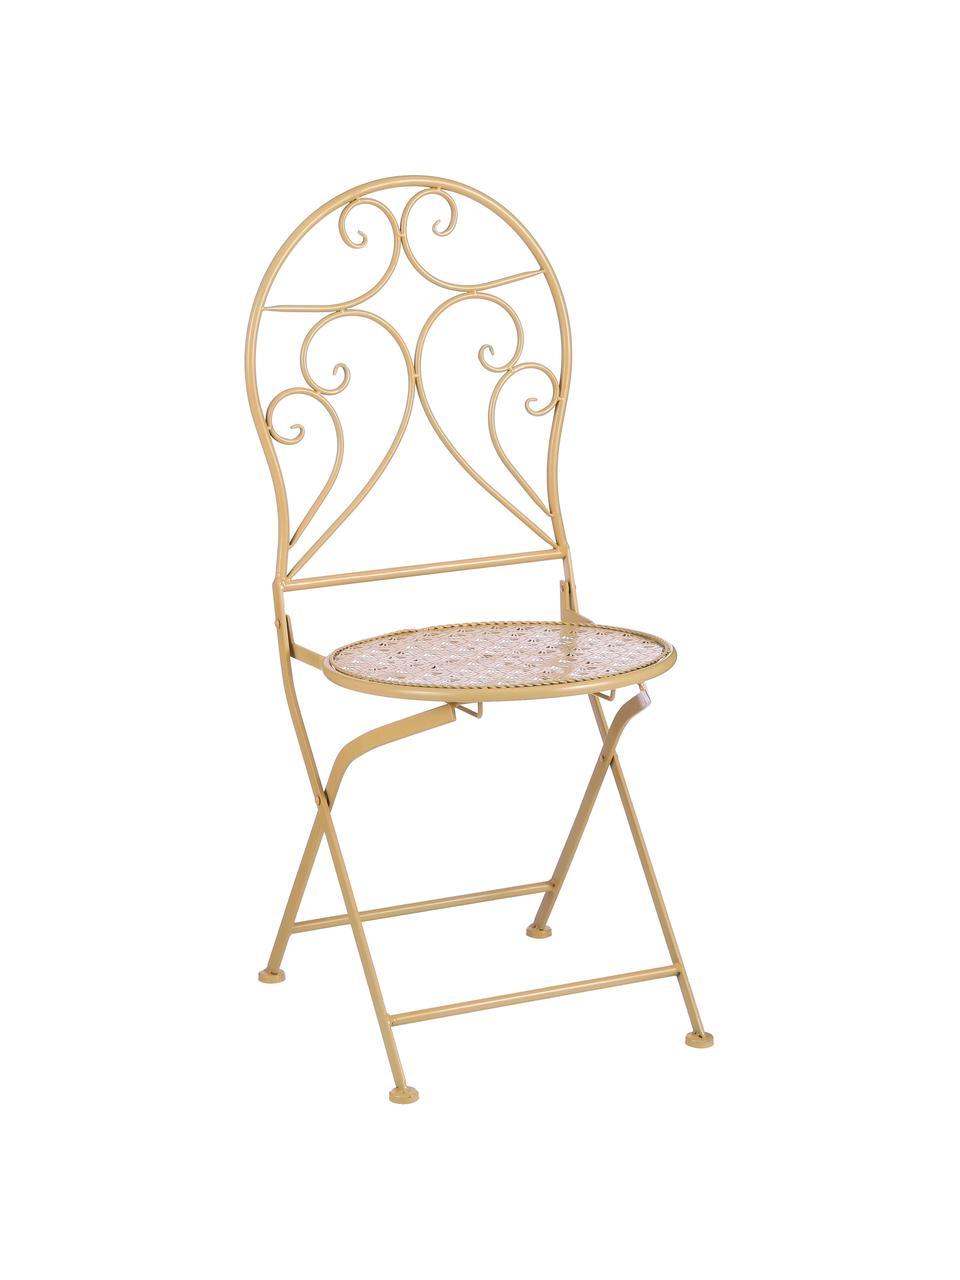 Skládací balkonová židle Ninet, 2 ks, Žlutá